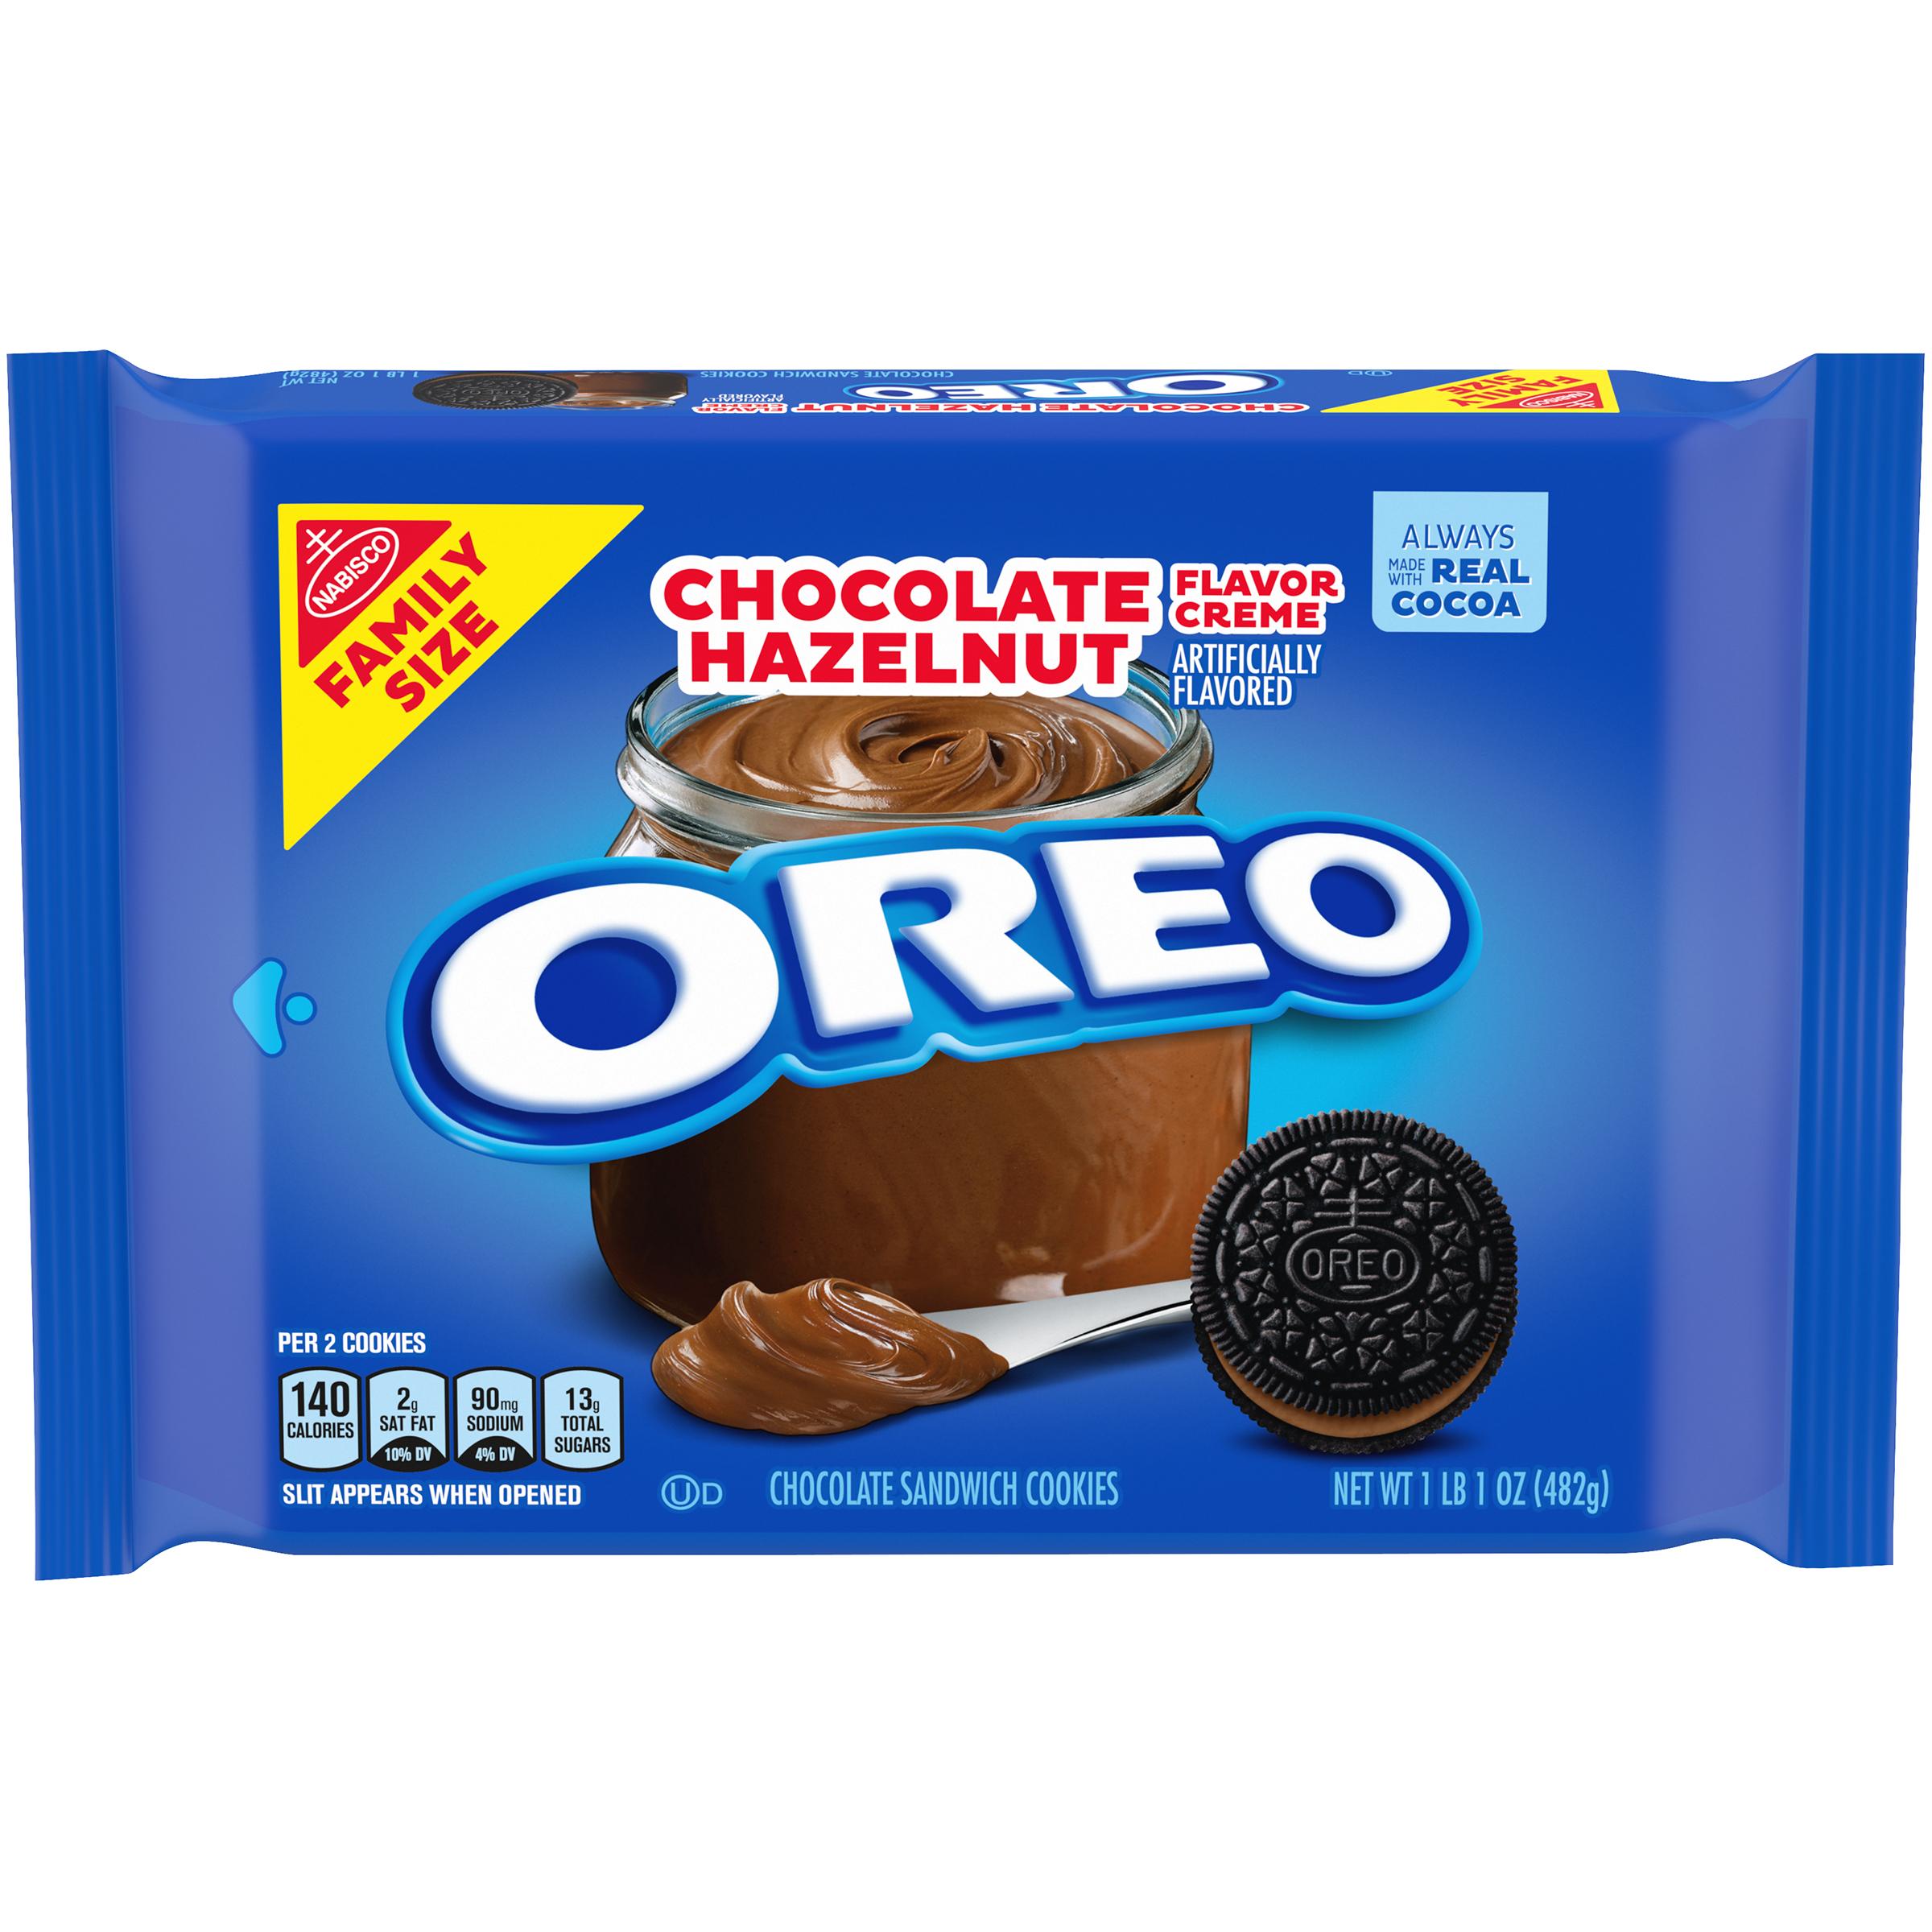 OREO Chocolate Hazelnut Sandwich Cookies 17.0 Oz